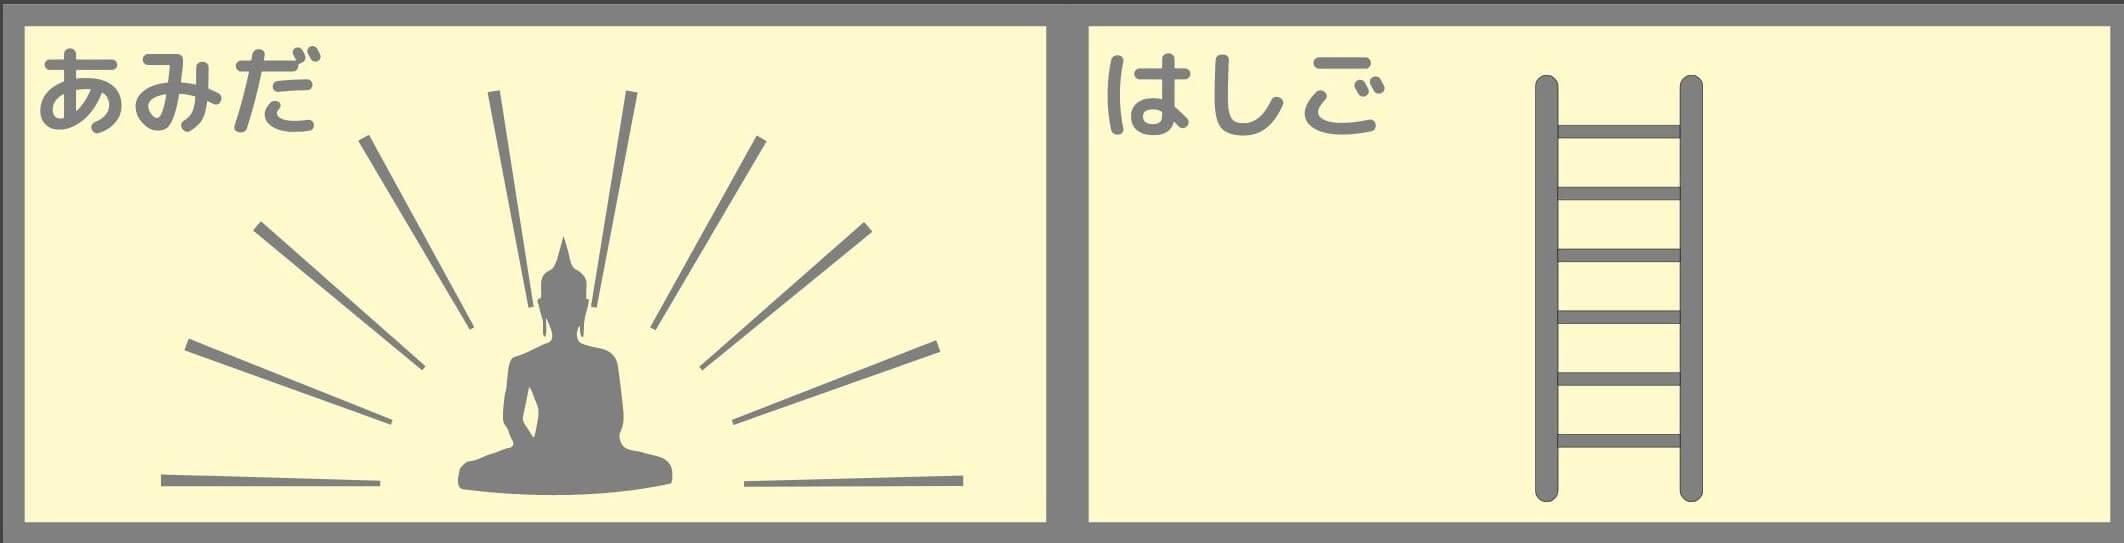 あみだくじの語源3